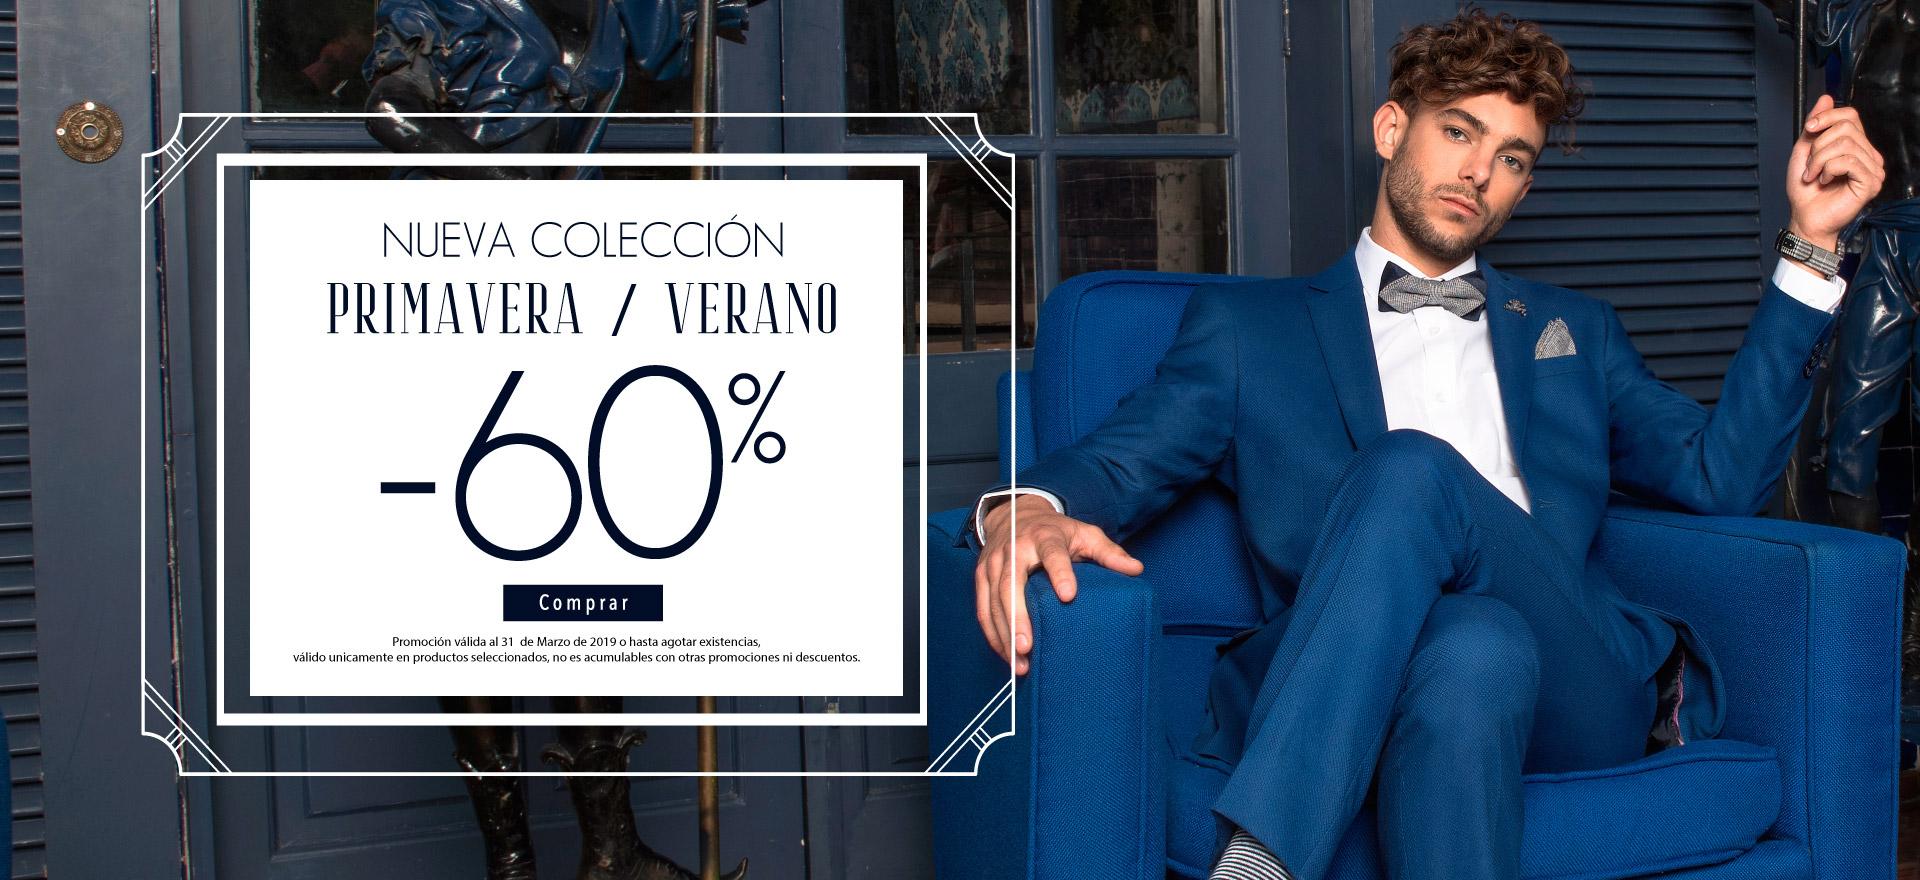 Bienvenidos a Aldo Conti Italia la marca de ropa para hombre con ... 9f20a246c654e